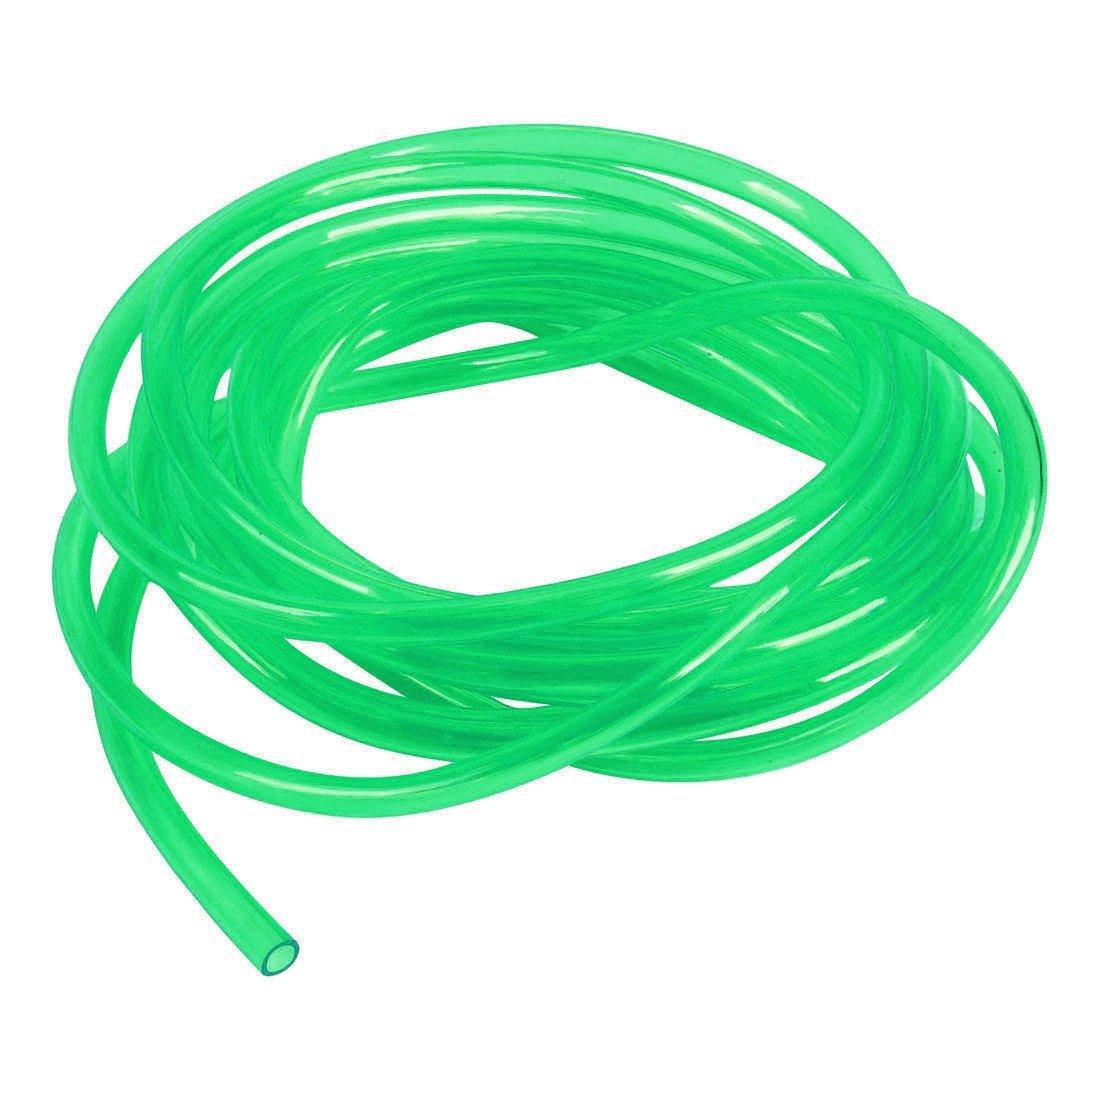 Tubo trasparente verde acrilico 16mm x 2mt cavo flessibile for Laghetto acqua verde